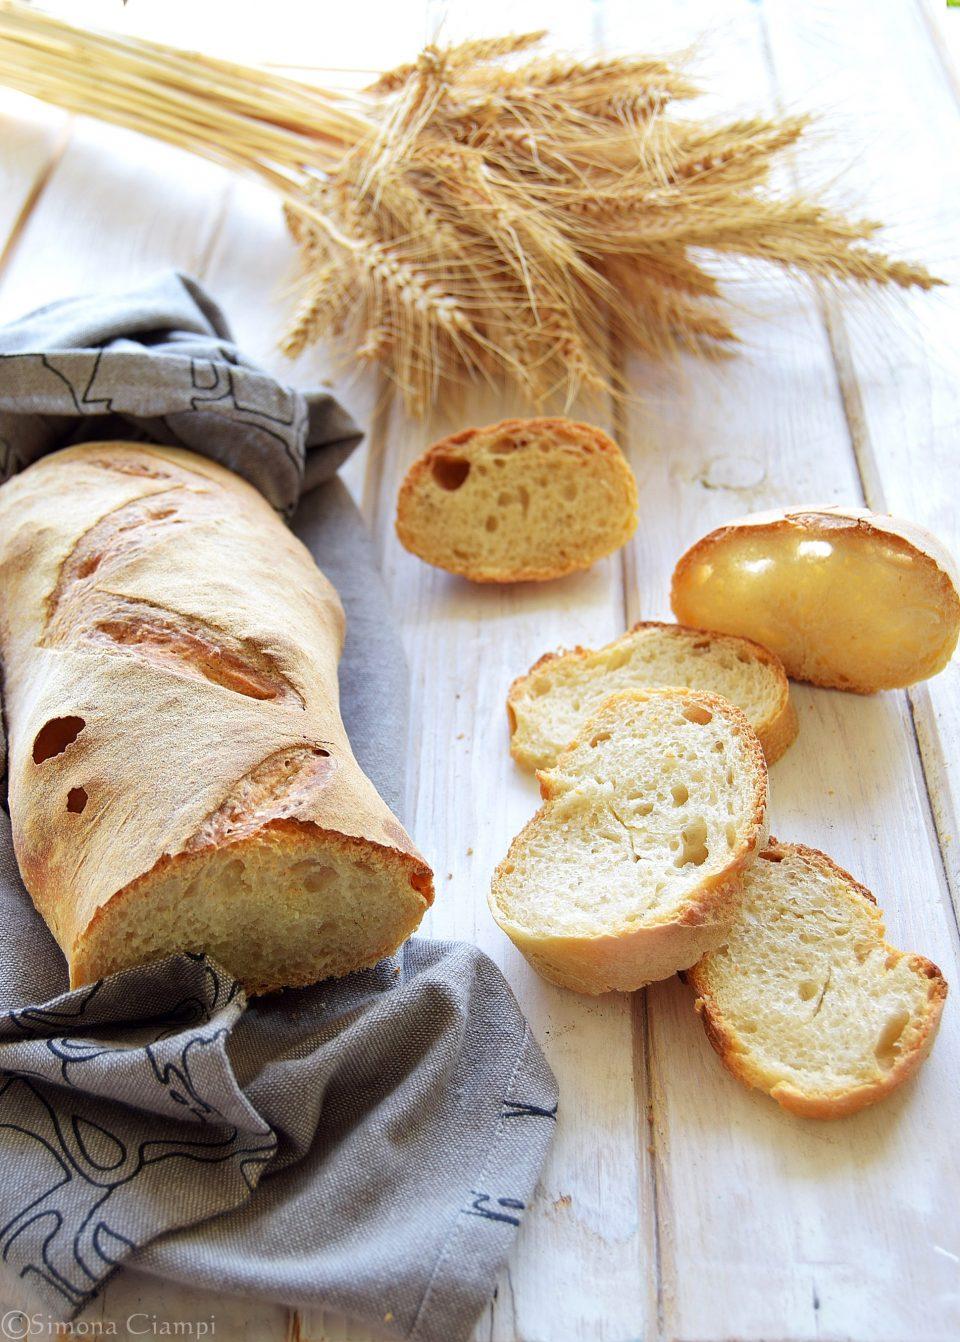 Filone di pane con esubero di lievito madre-impasto diretto